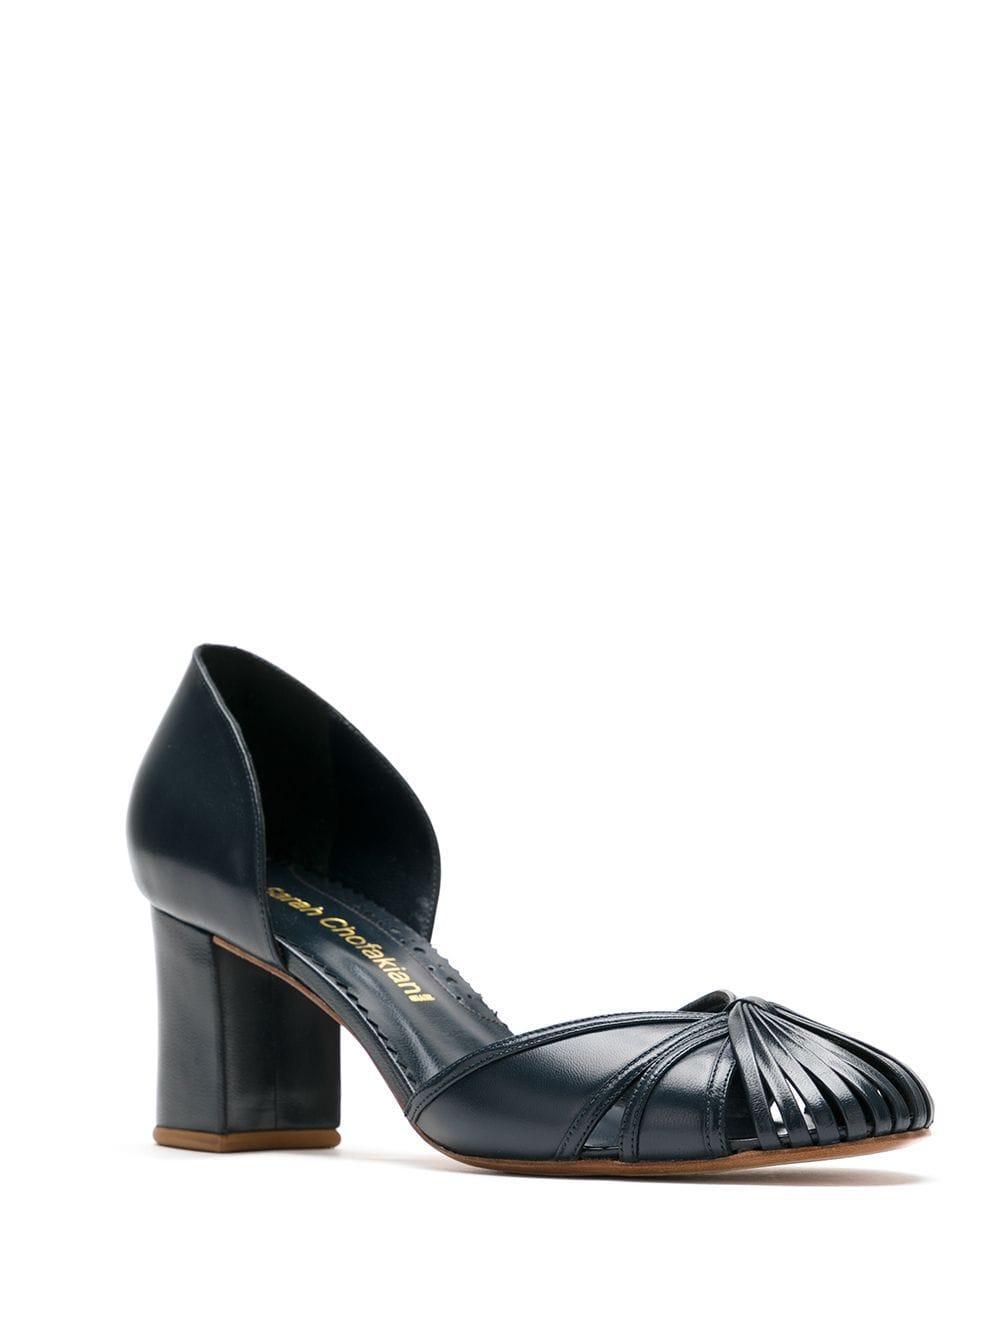 Zapatos de tacón Sarah Sarah Chofakian de color Negro